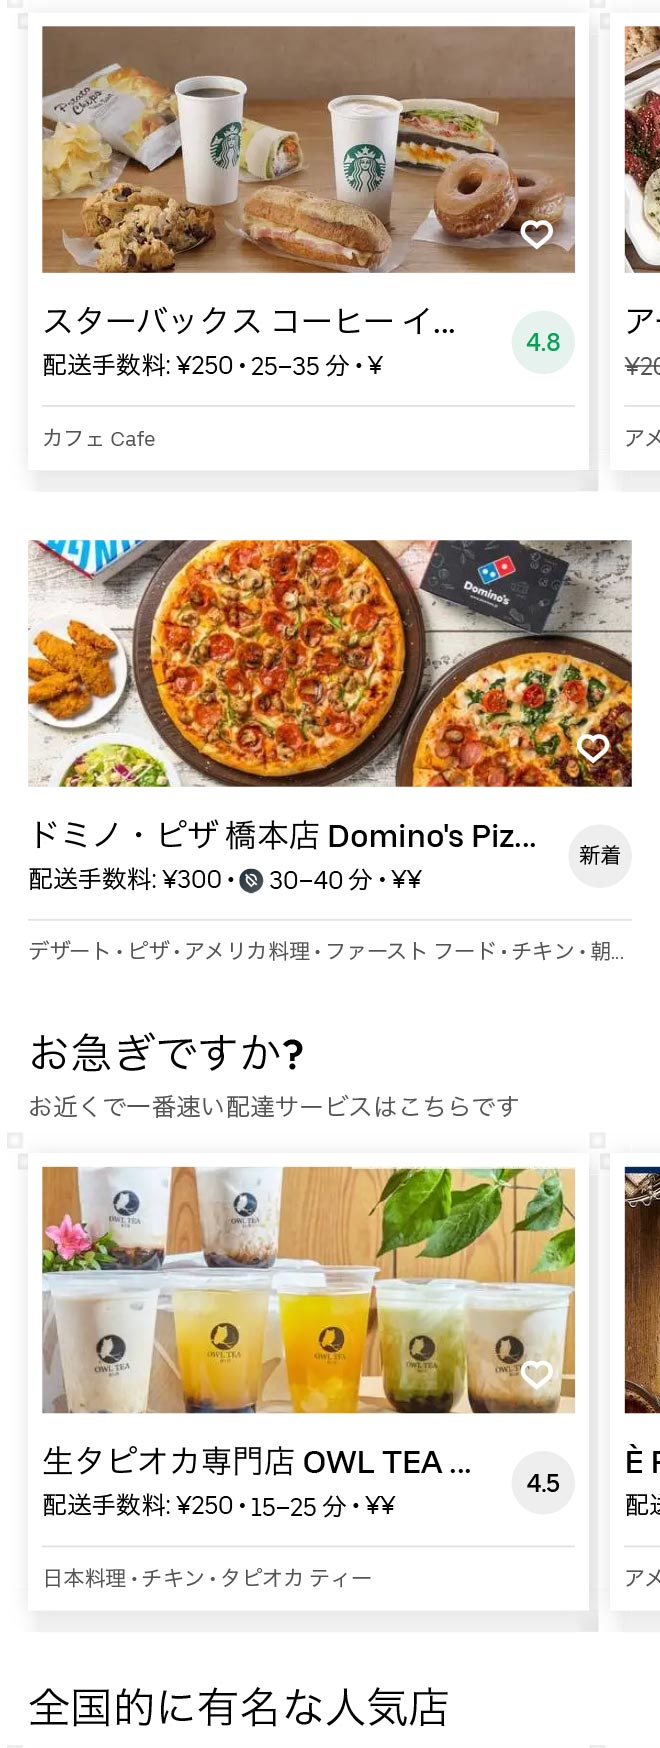 Aihara menu 2010 02